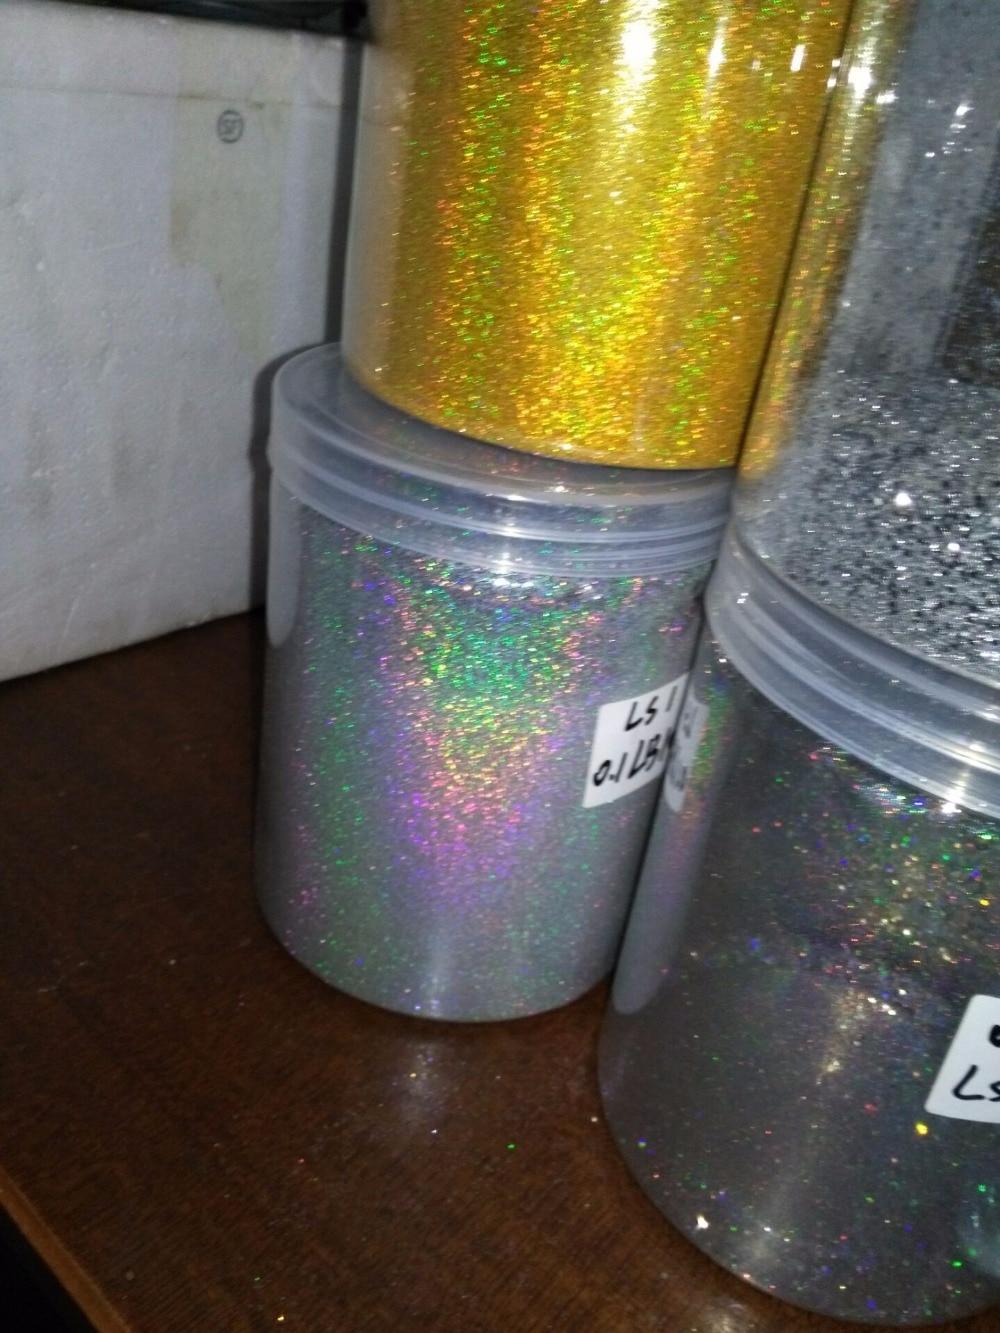 0,1 мм(004 дюйма)-голографический лазер серебряное Золото Блестящий ультра тонкий блеск для ногтей пылезащитный порошок для украшения лака, 50 г